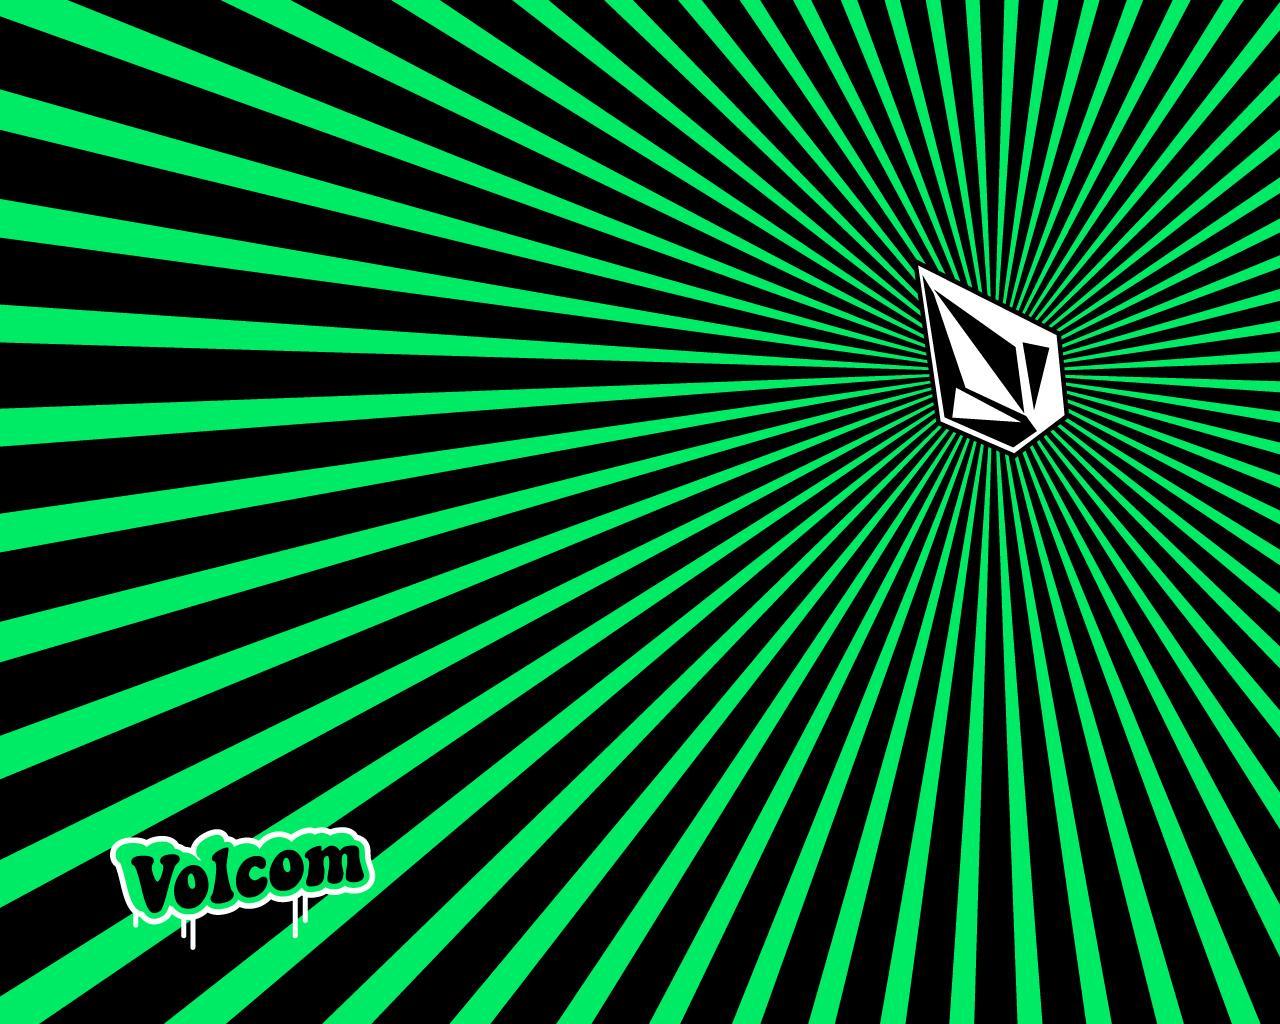 http://4.bp.blogspot.com/-qBfBKfXBU9Q/TWCgh0luyHI/AAAAAAAAADA/jCjF3ezAfHI/s1600/volcom-alice-stripes-logo.jpg